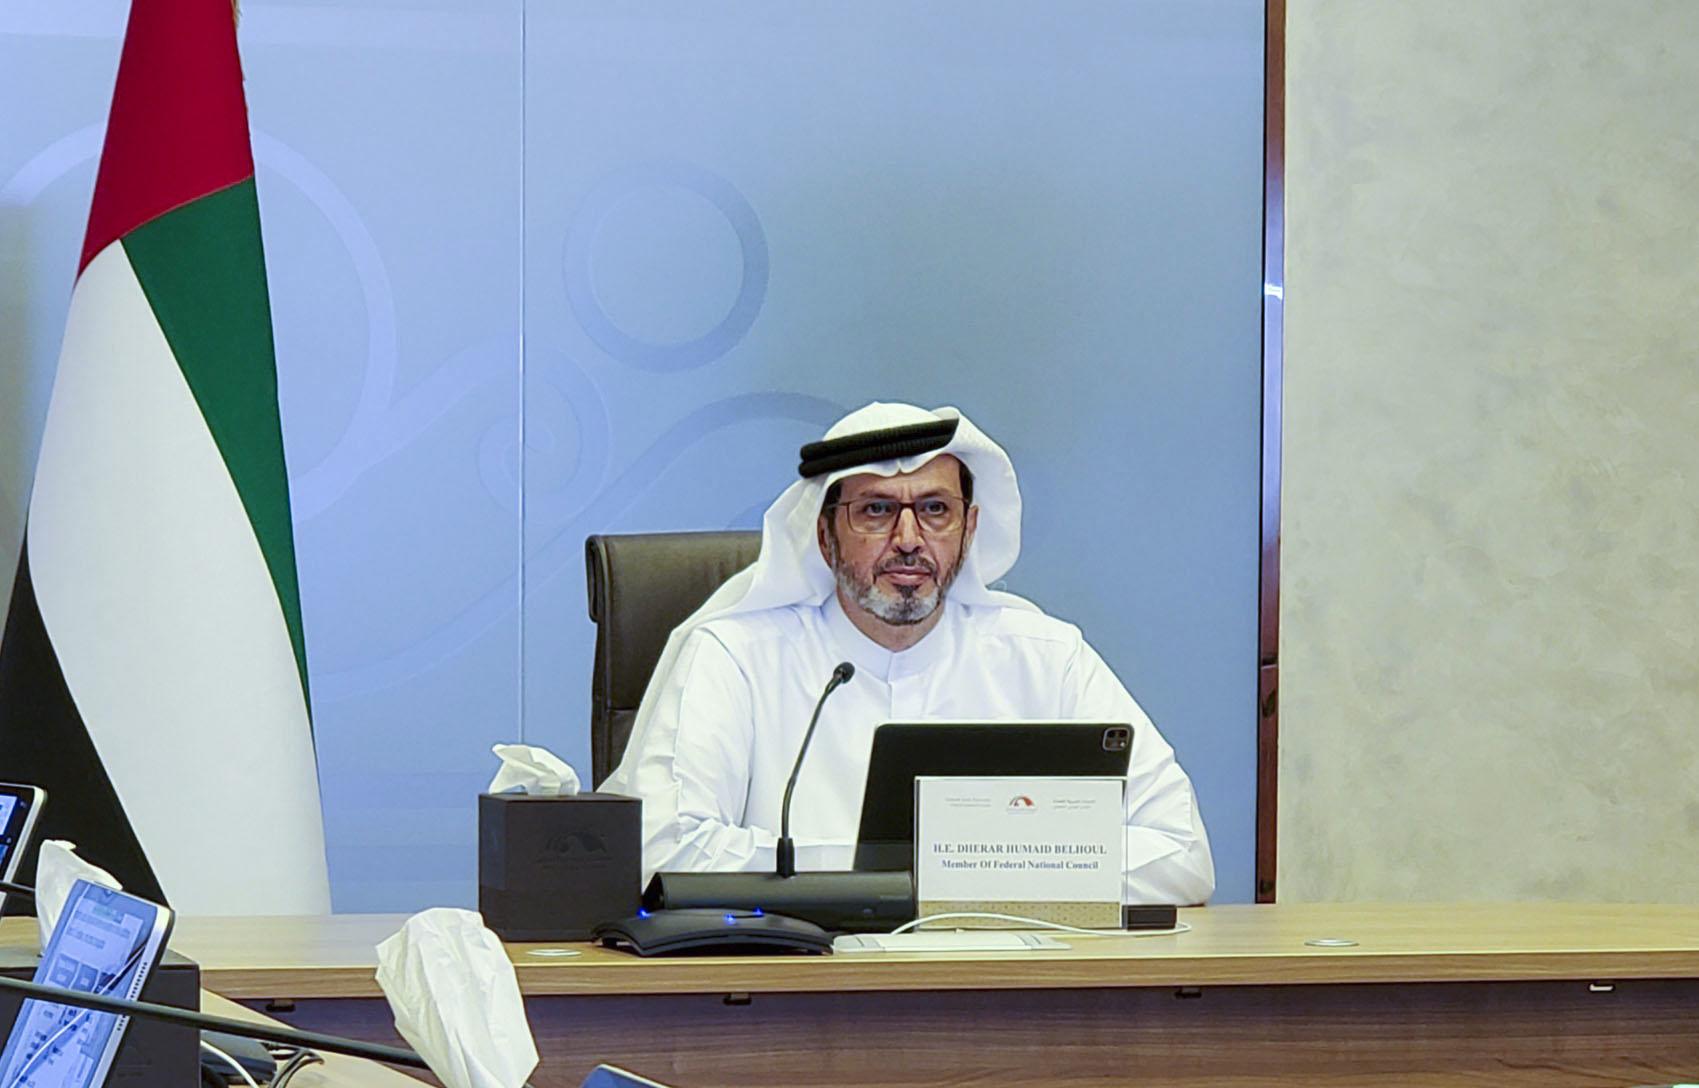 الشعبة البرلمانية الإماراتية تستعرض خلال مؤتمر دولي جهود الدولة في مكافحة الإرهاب والتطرف